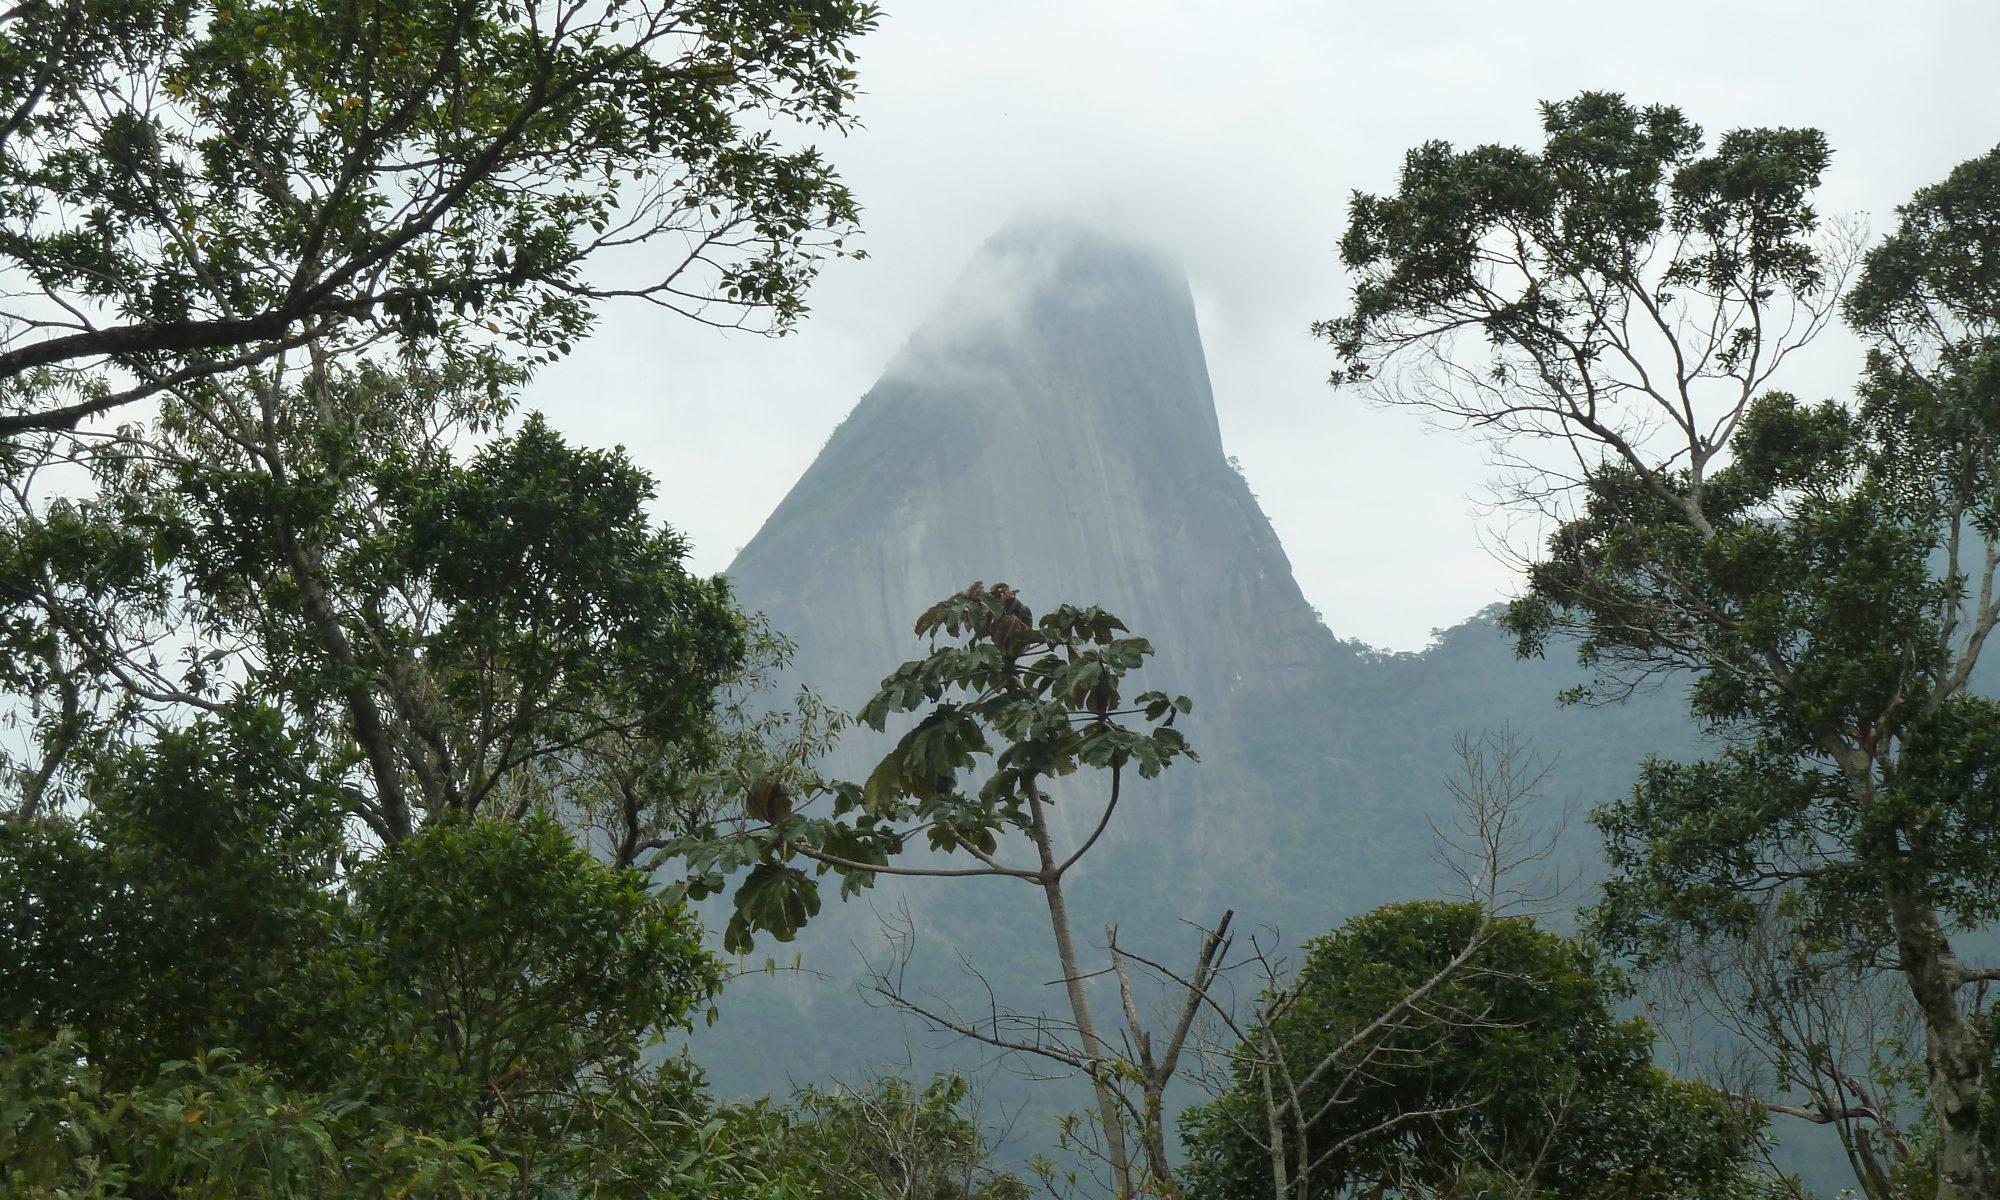 Berg im Nebel, aufgaben Ort für Meditation und Selbstfindung in Magé Rio de Janeiro